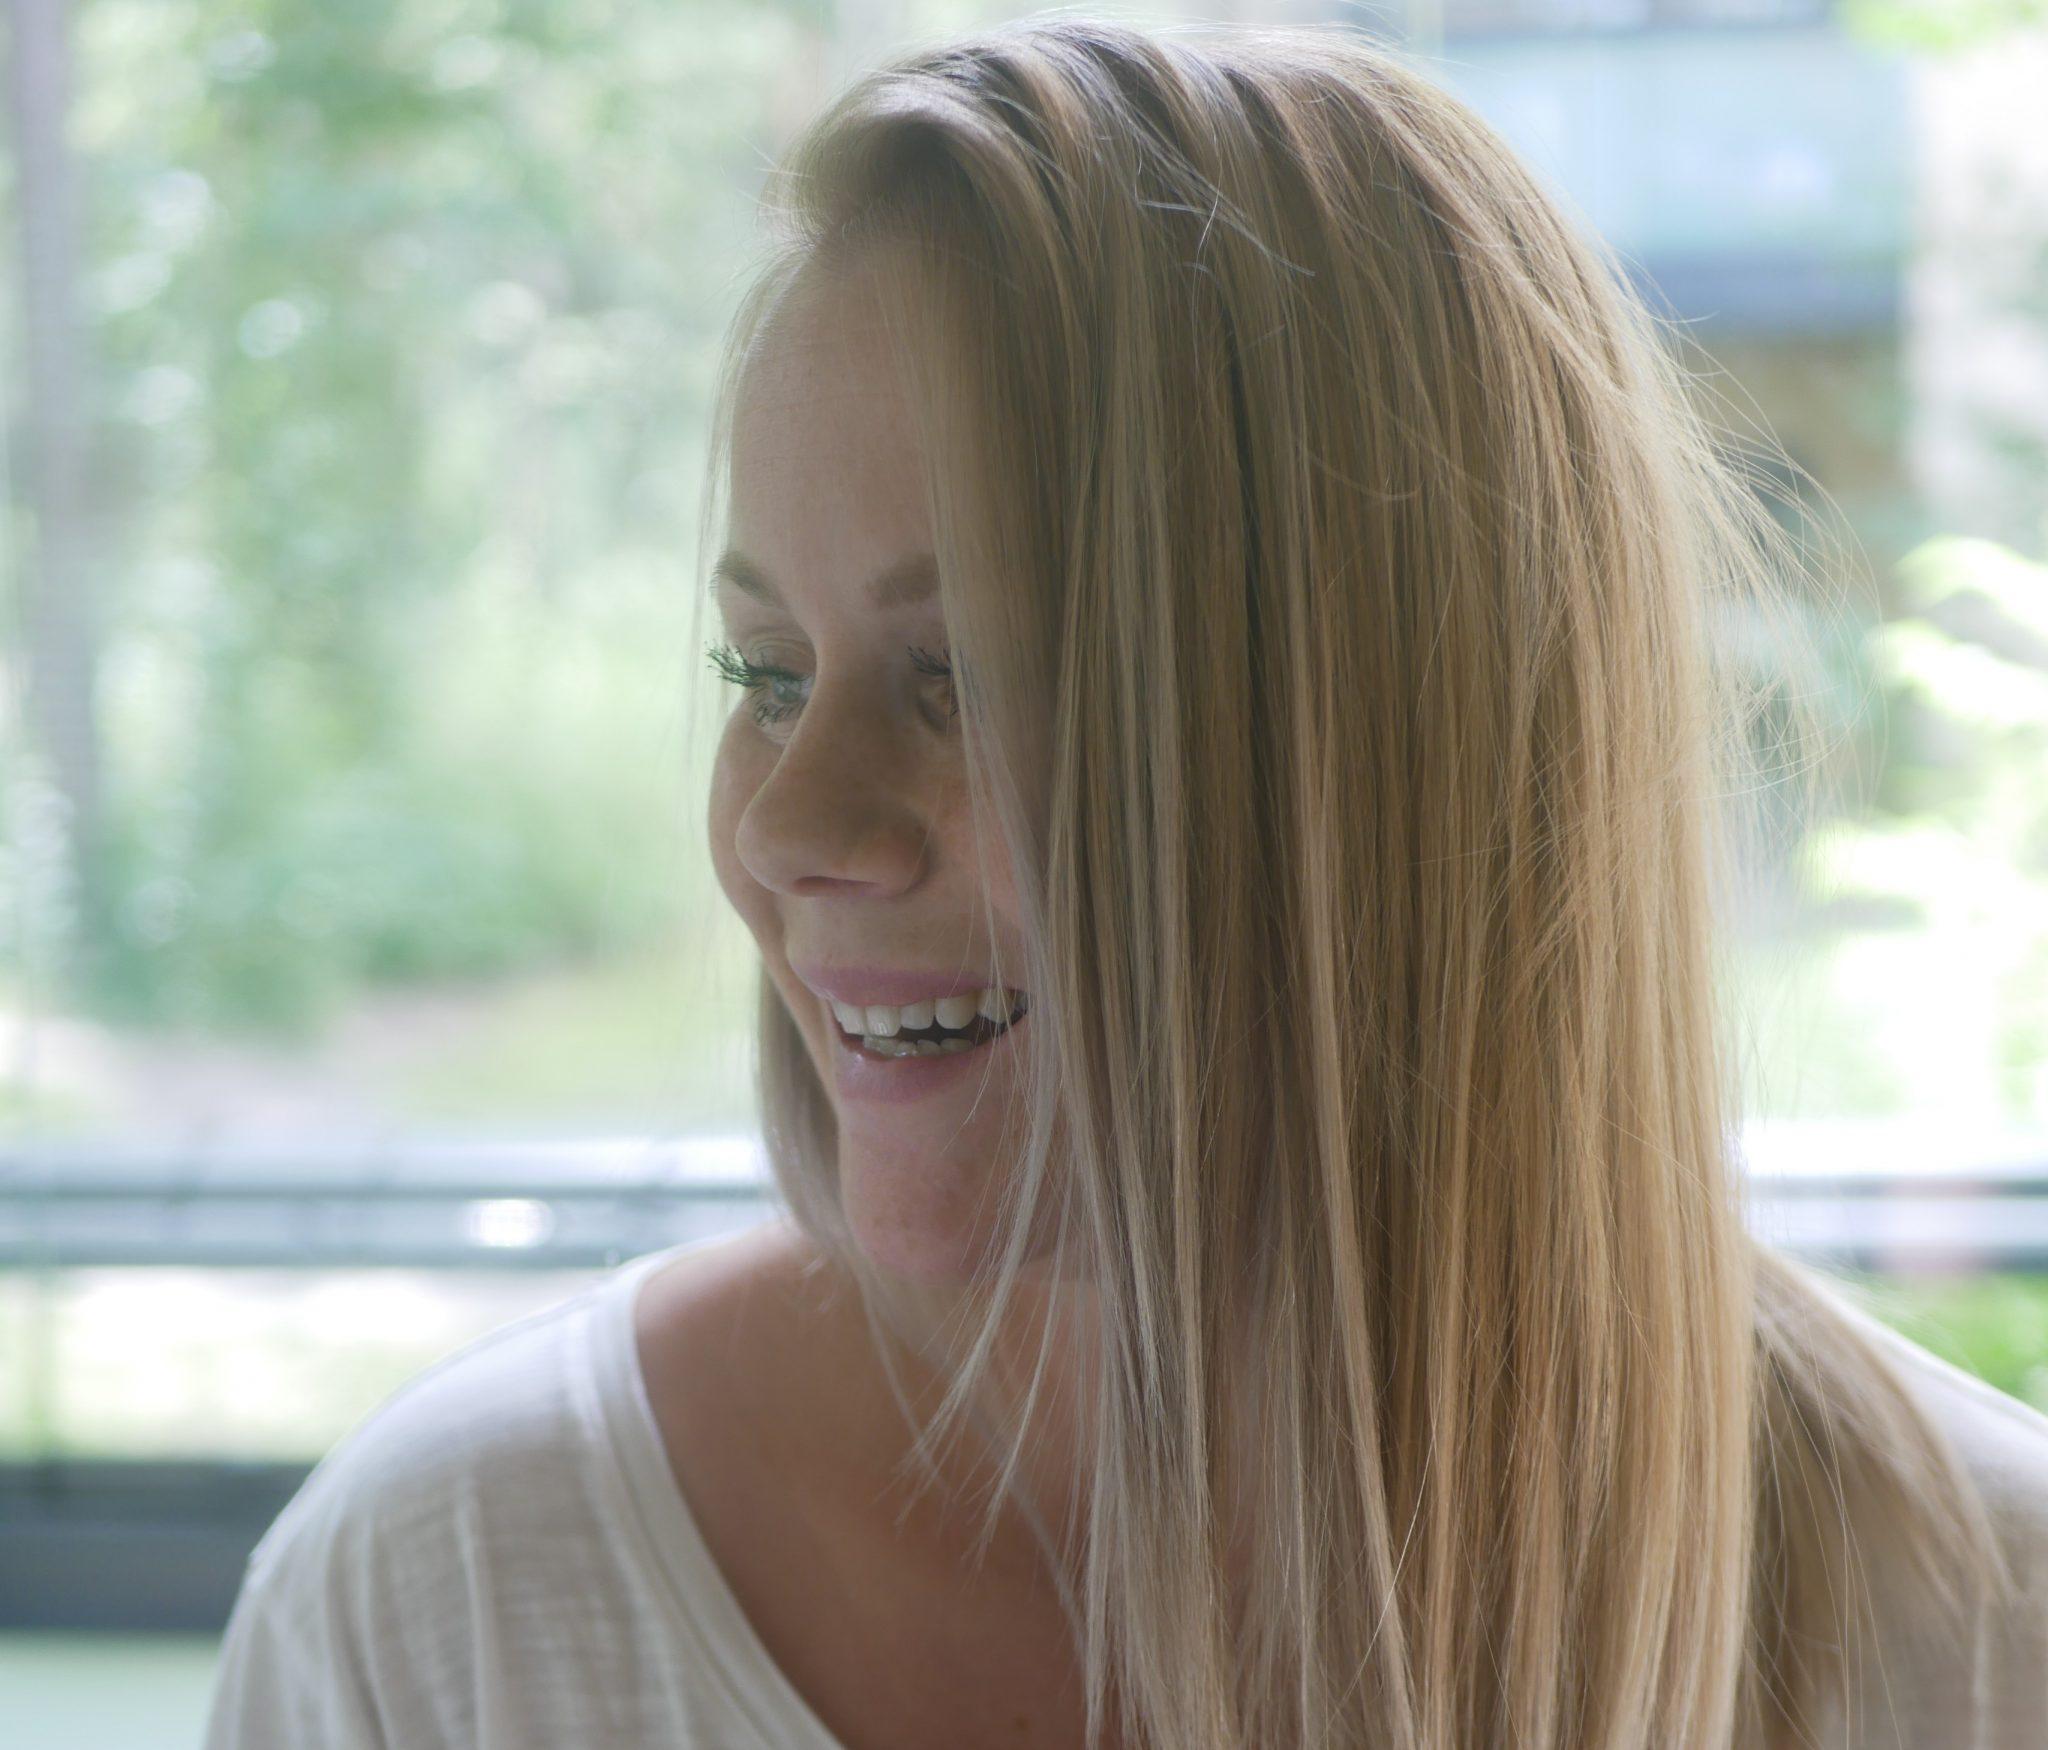 hiusmallit pyöreät kasvot kuuma blondi